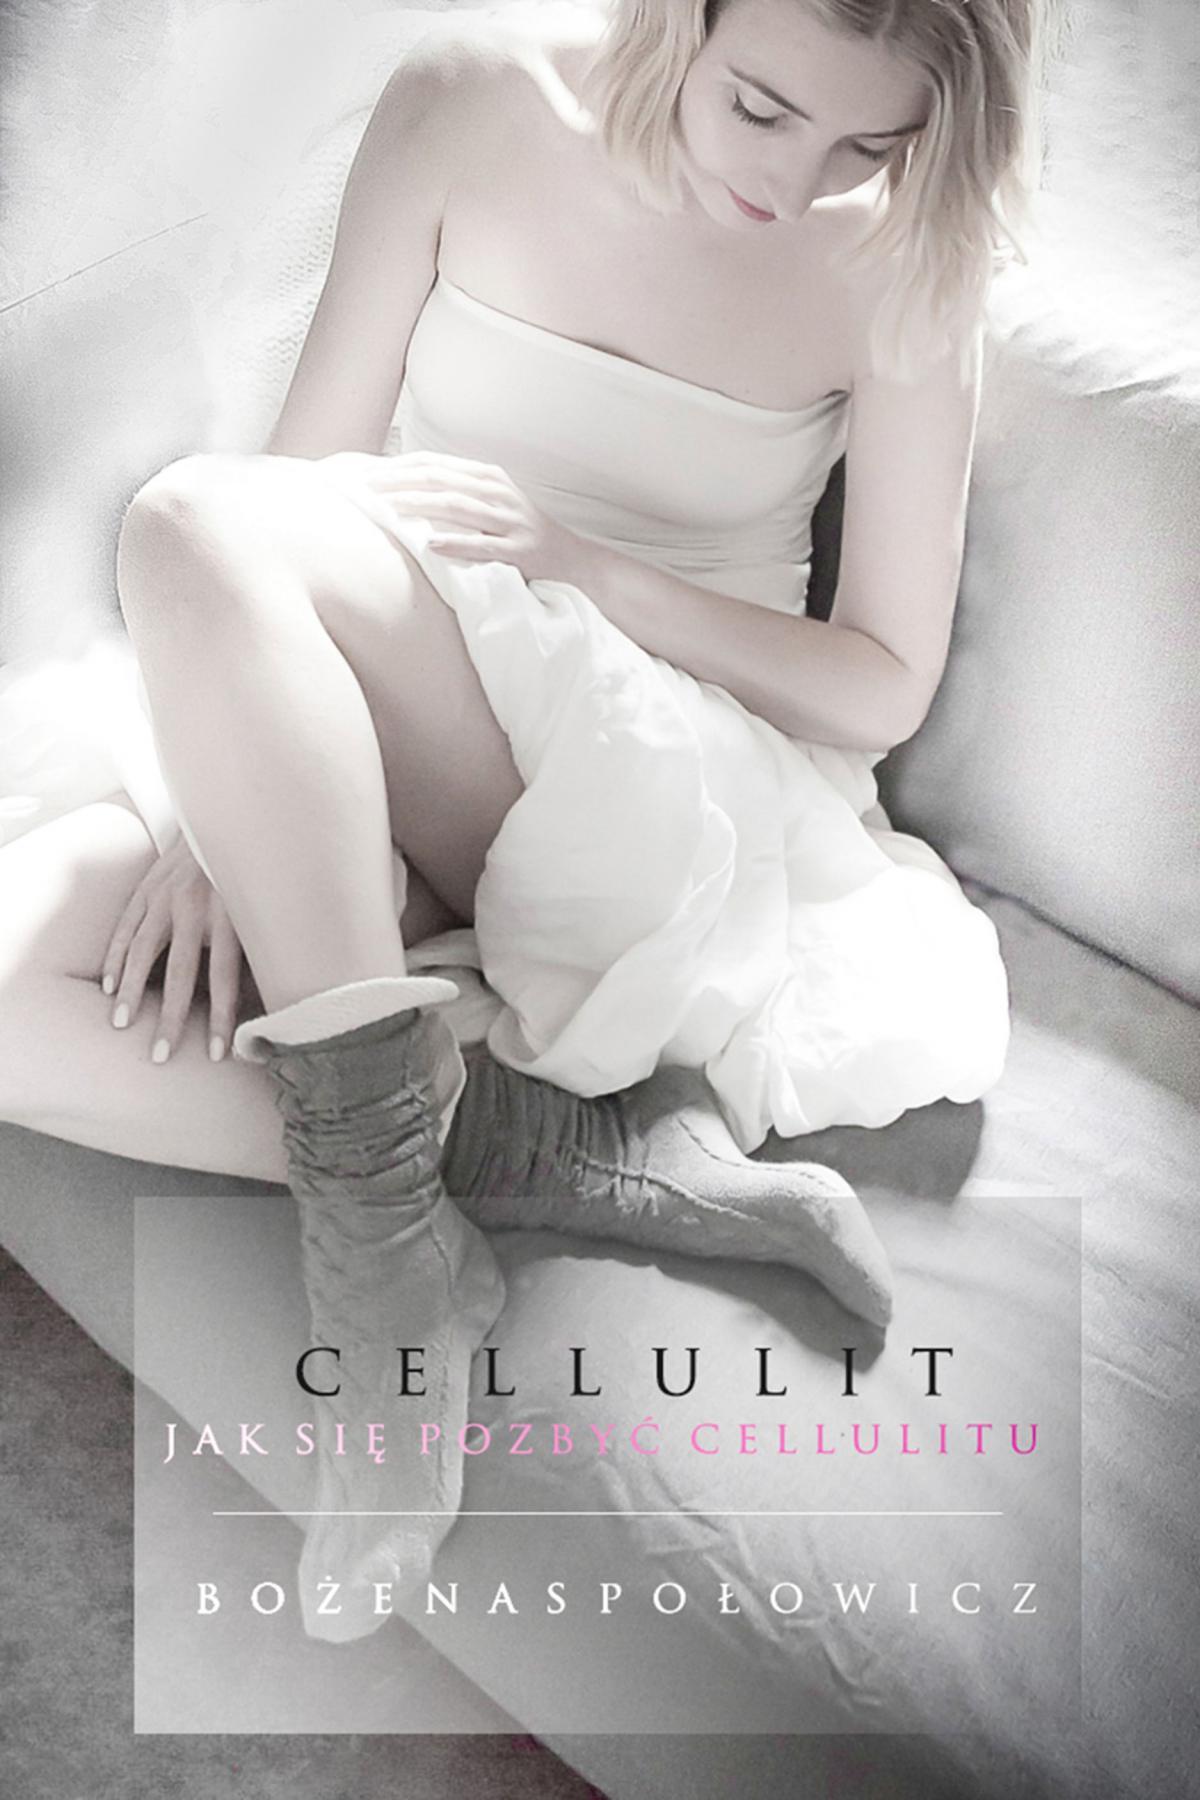 Cellulit. Jak się pozbyć cellulitu - Ebook (Książka na Kindle) do pobrania w formacie MOBI